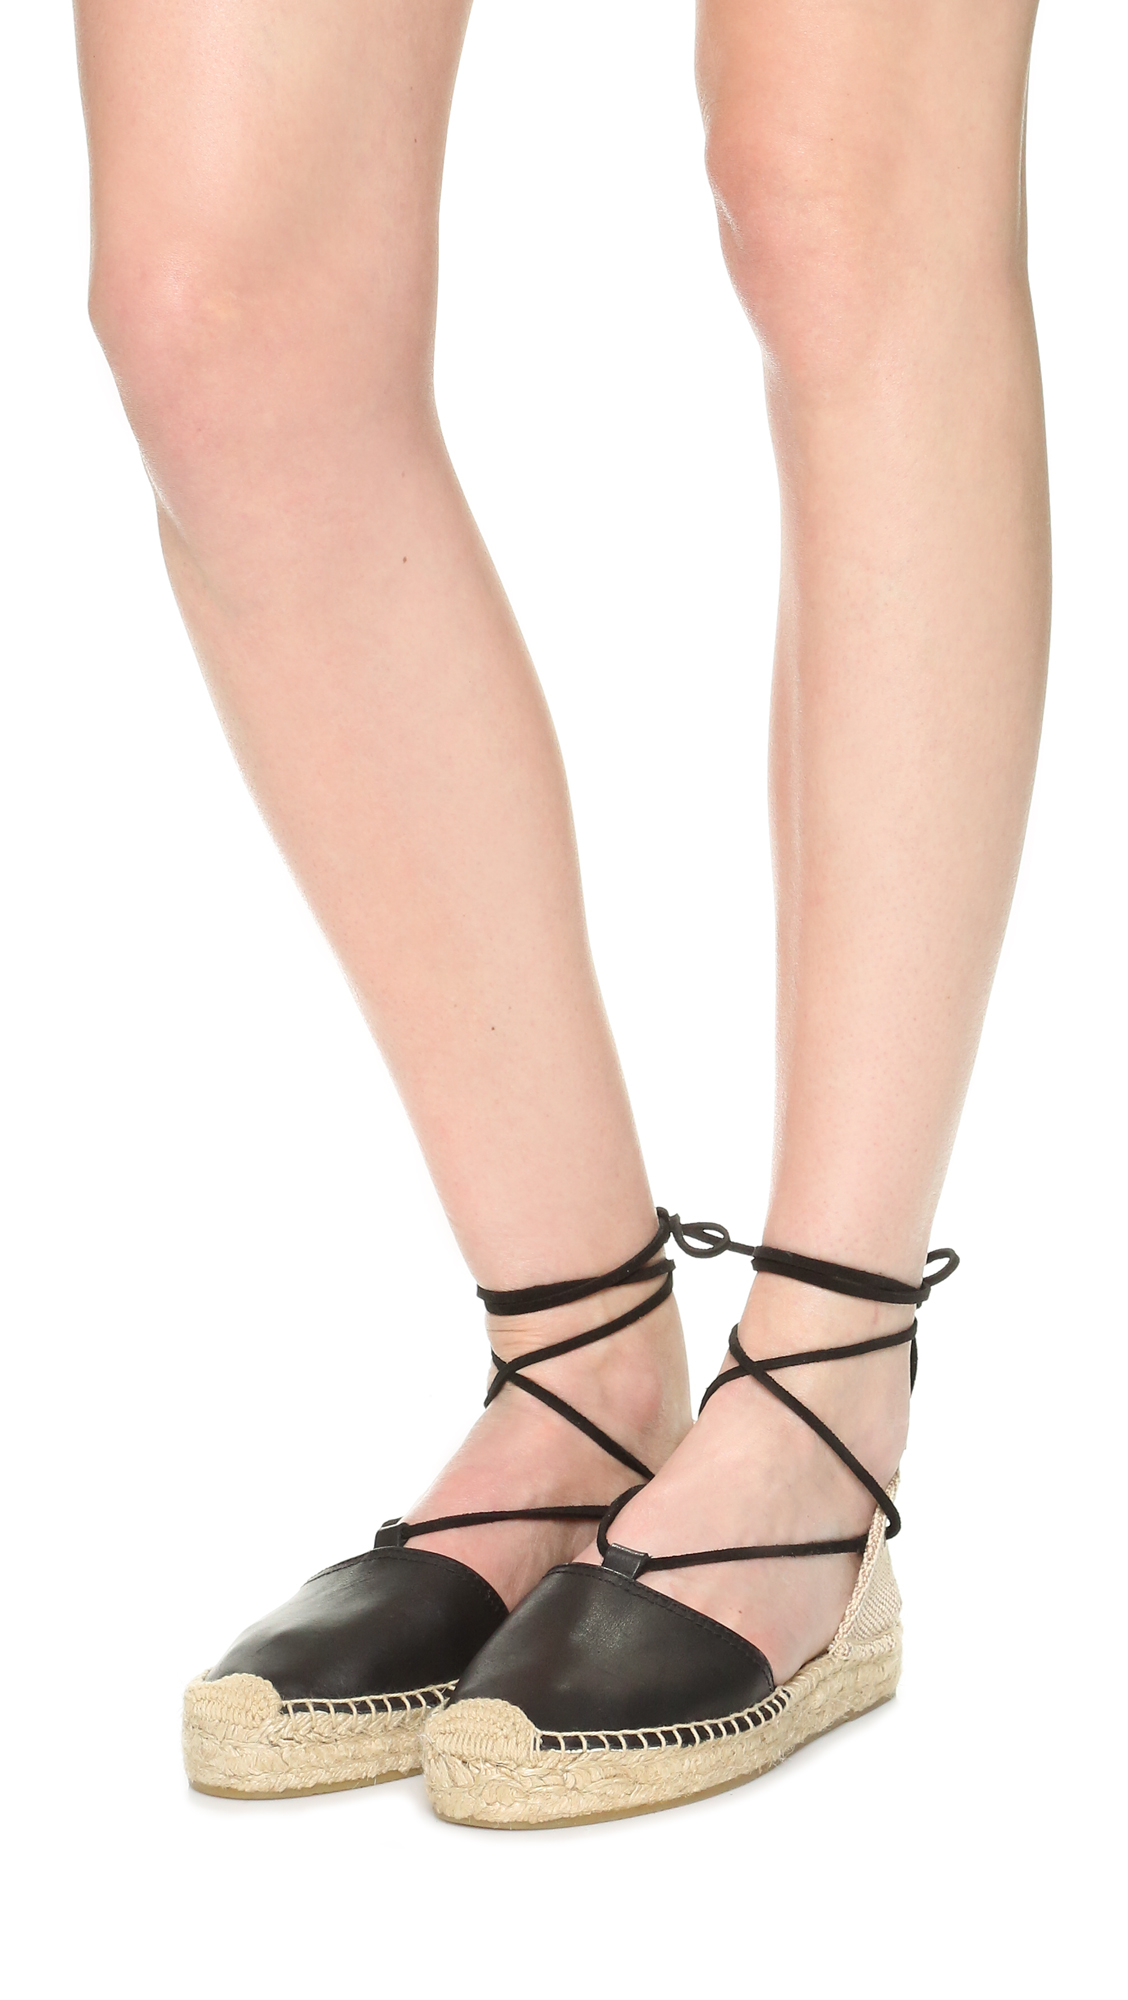 d671a7406e6 Soludos Platform Gladiator Sandals